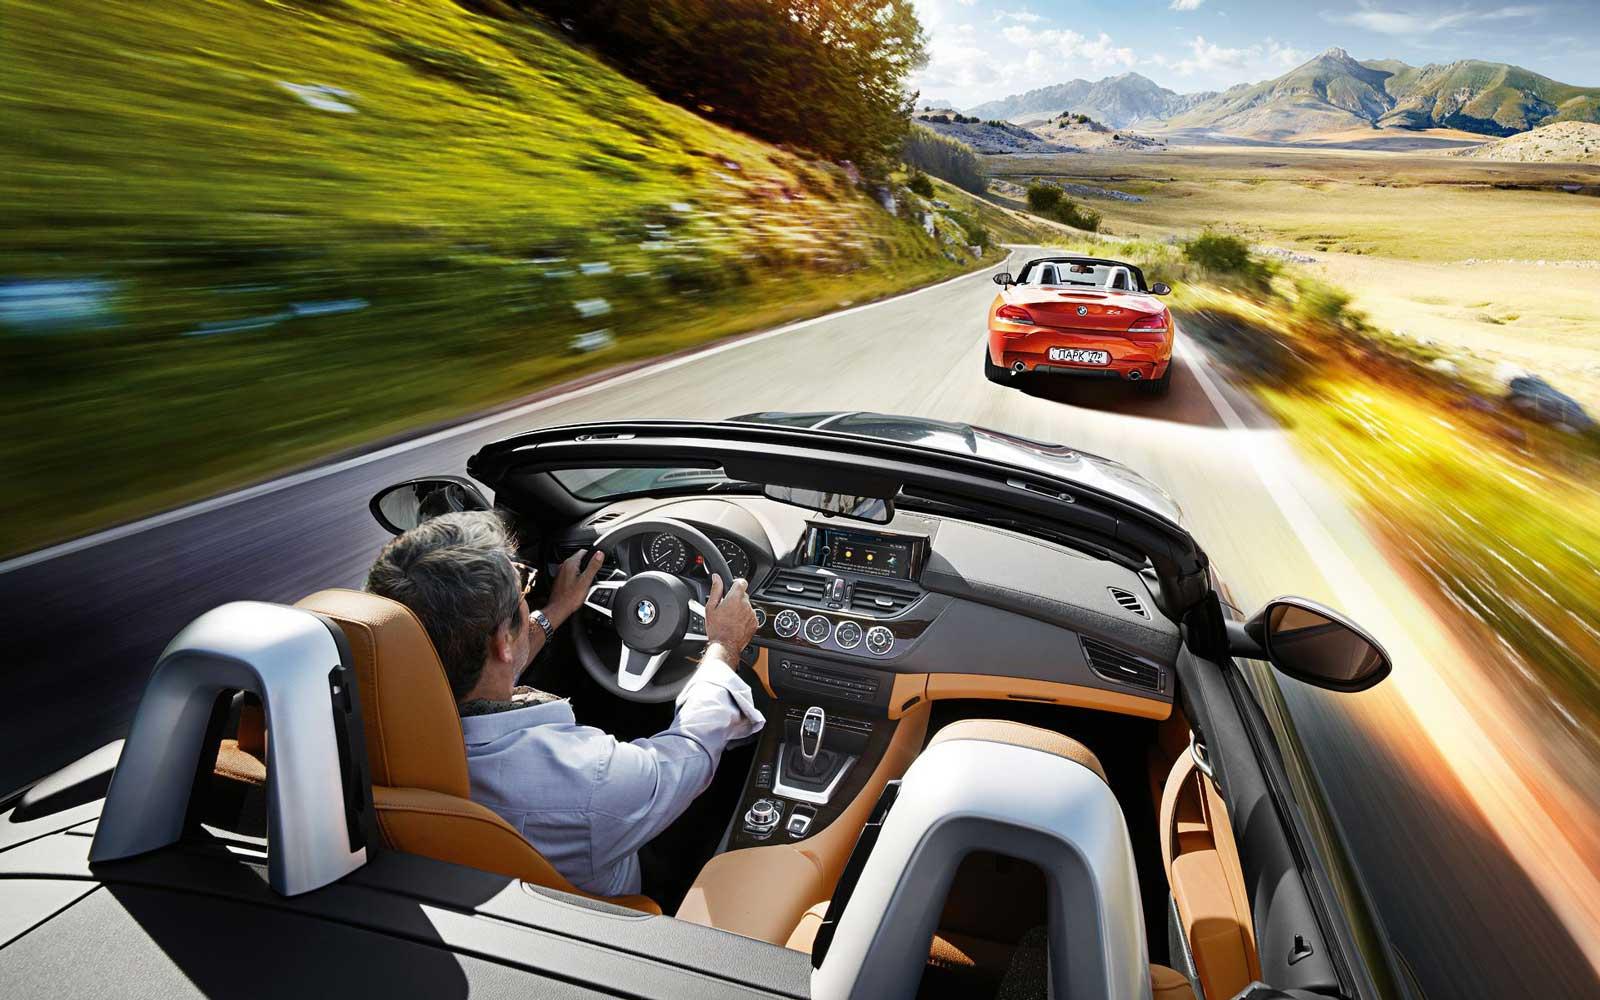 быстрая езда на машине картинки прикольные